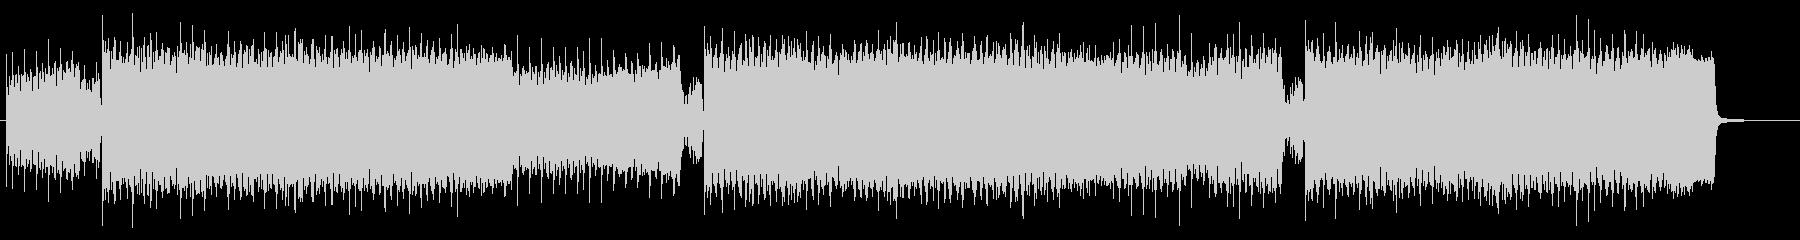 カノン進行の明るいハッピーハードコアの未再生の波形